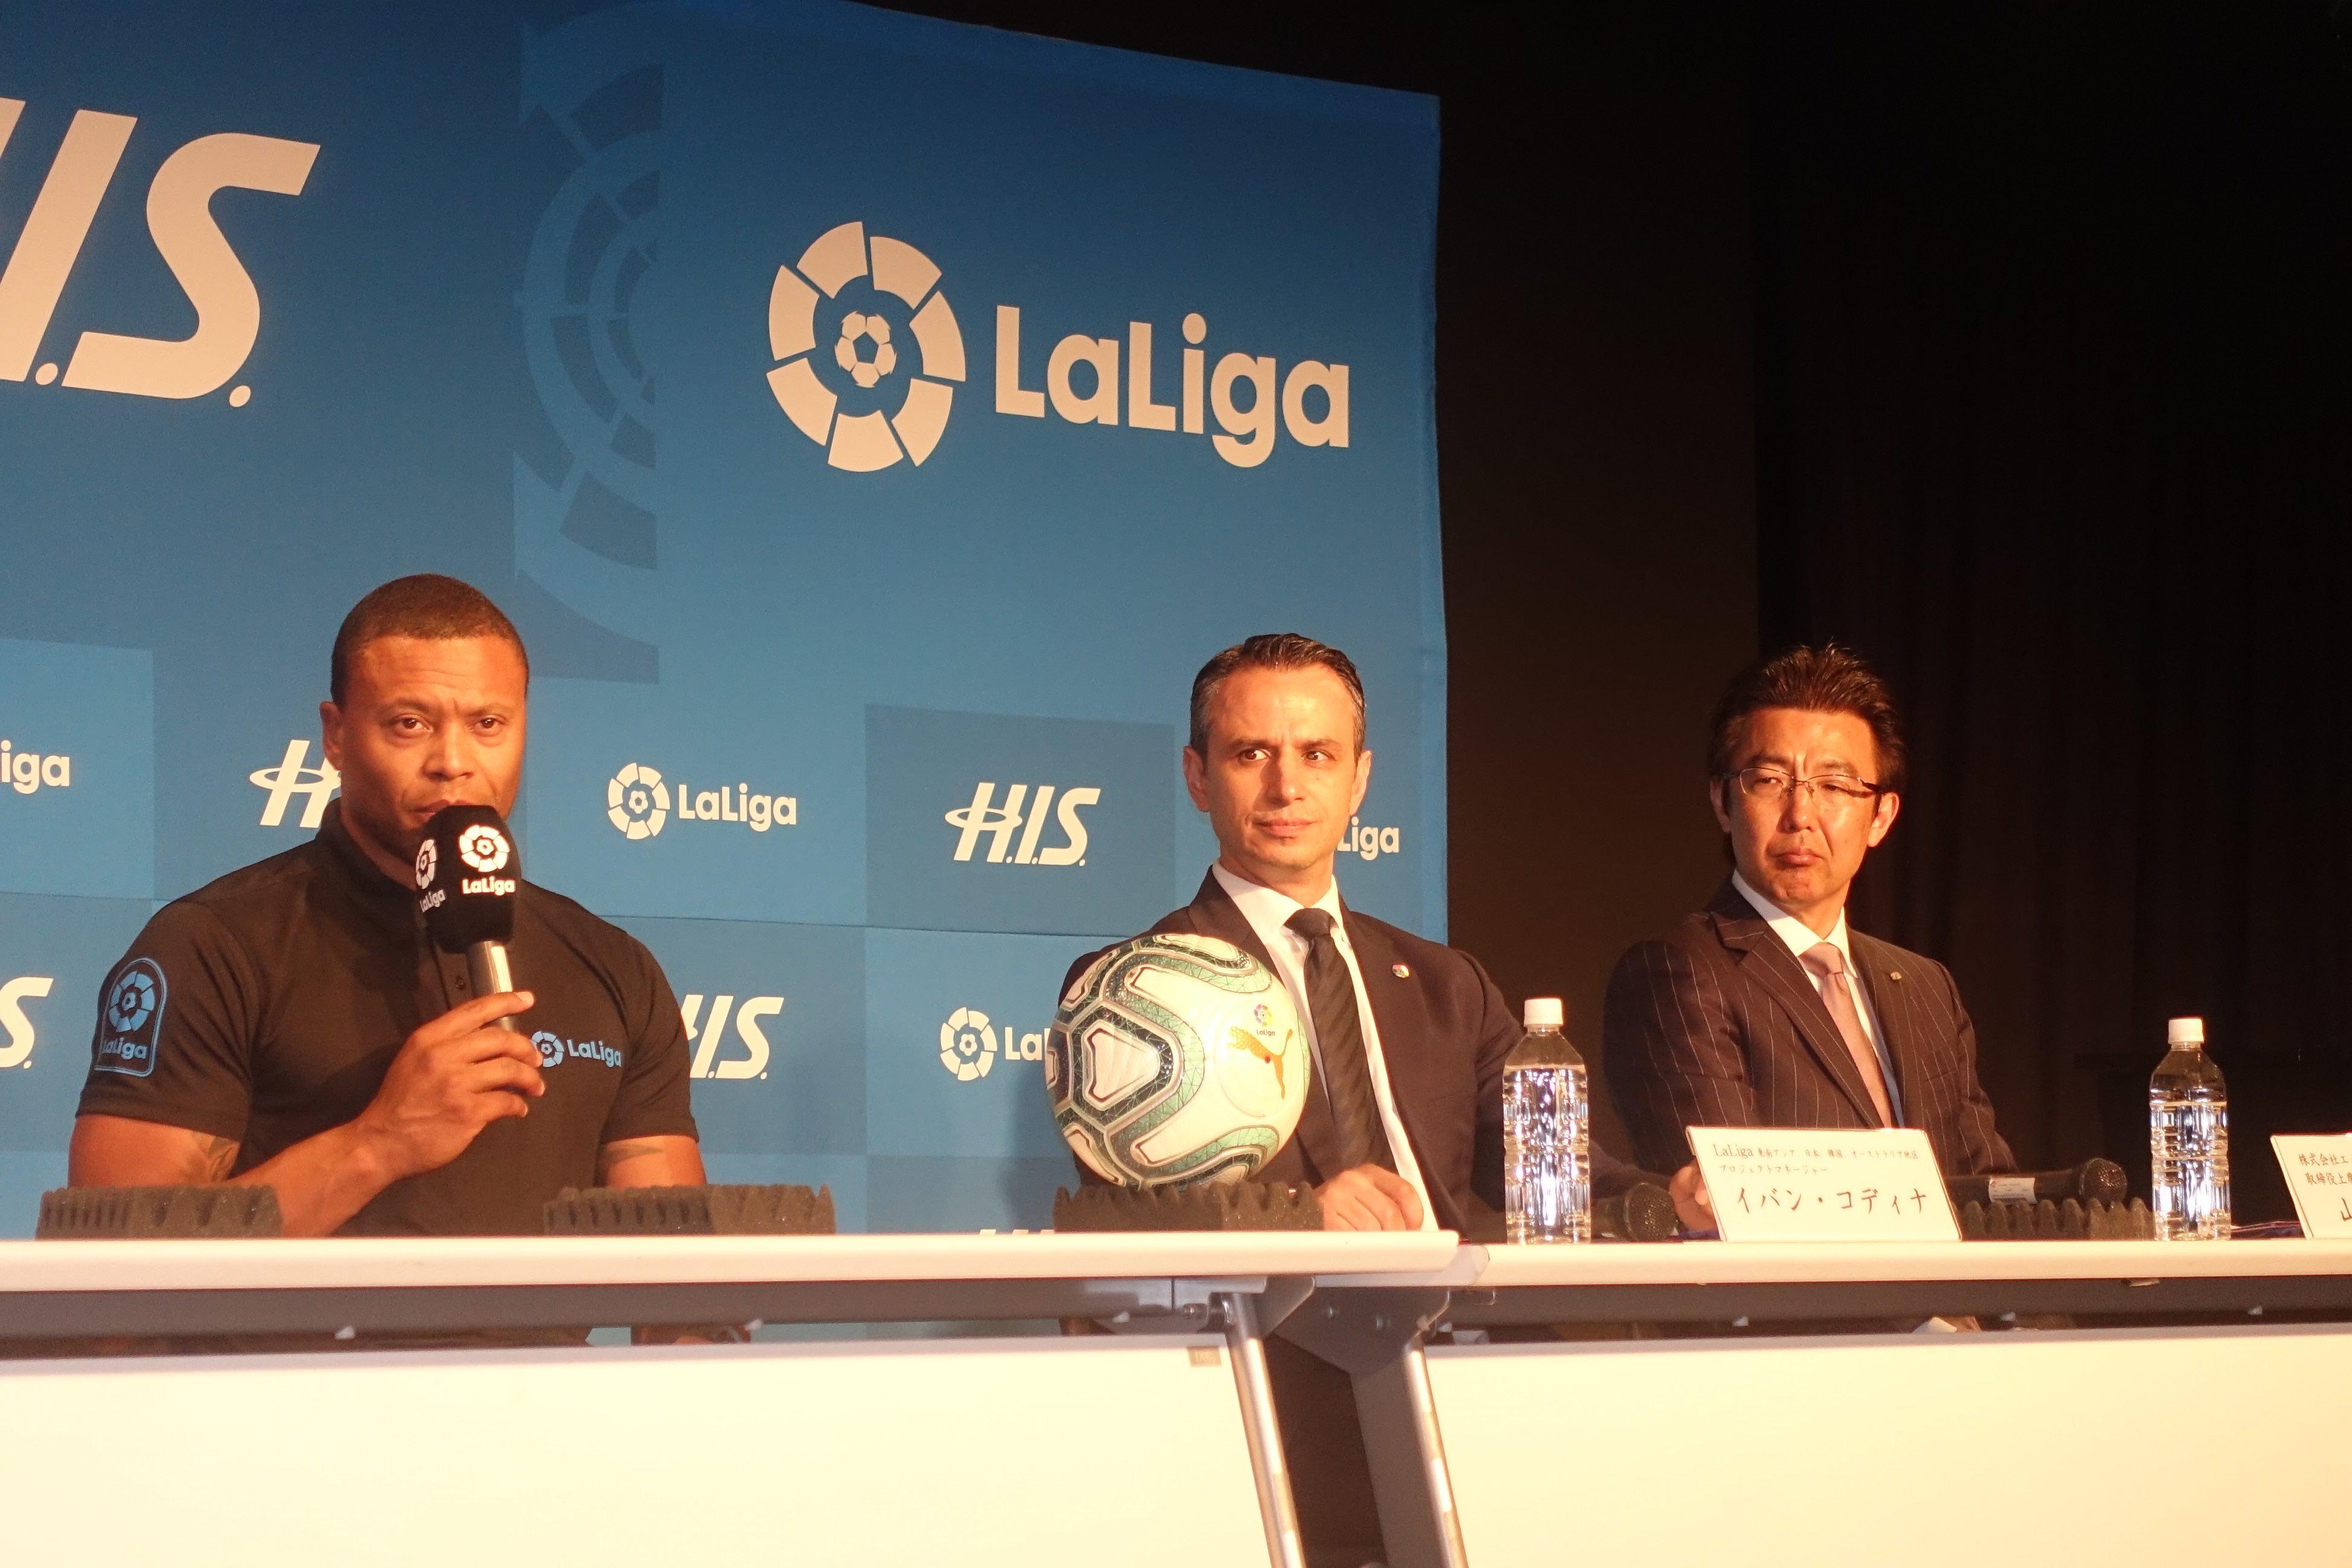 Julio Baptista (left) talks about LaLiga